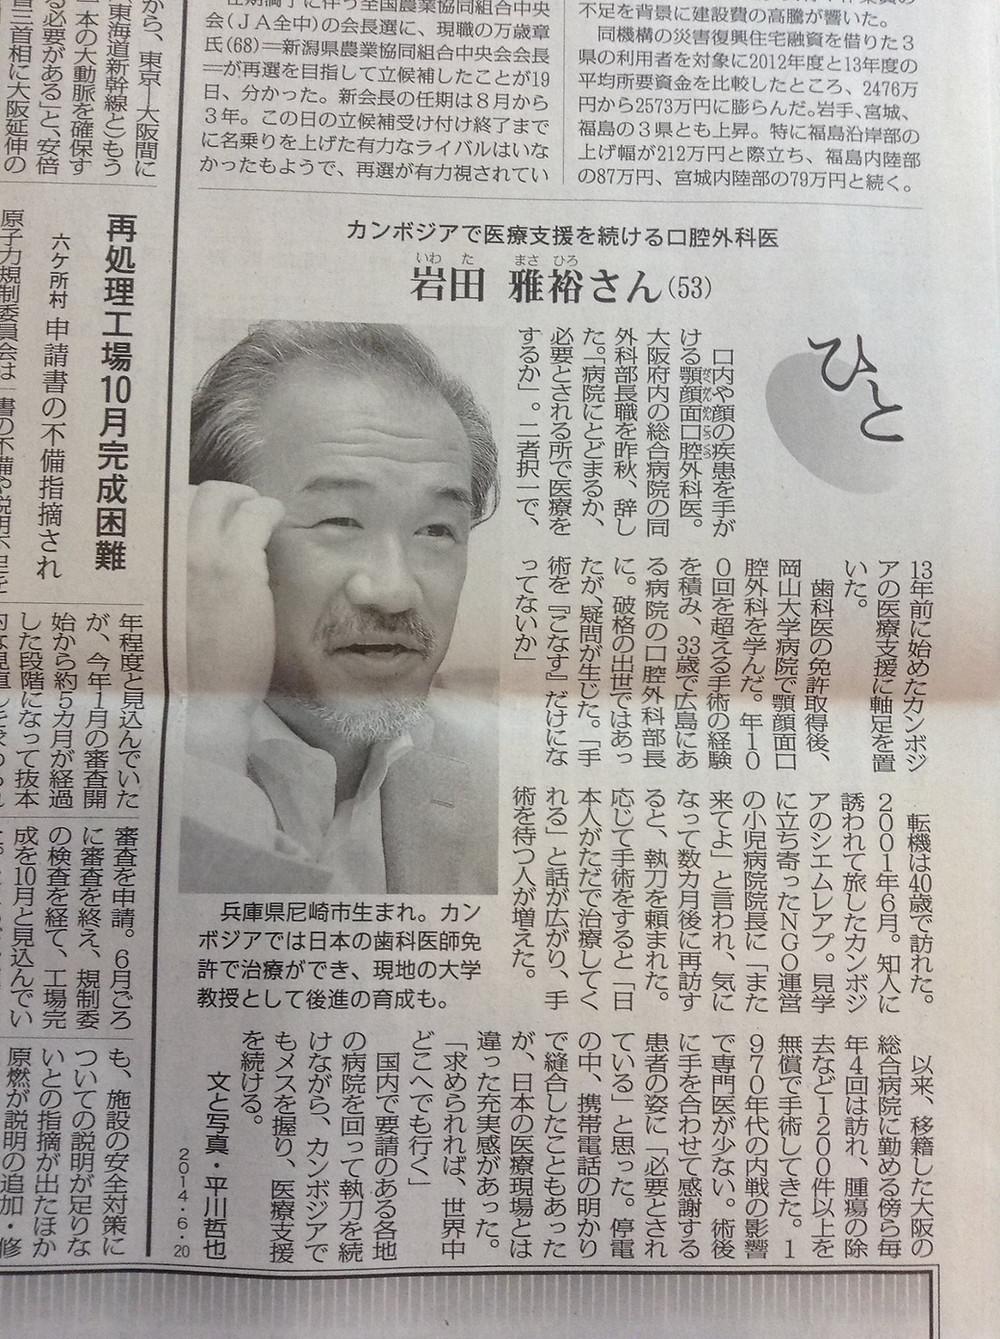 岩田雅裕,毎日新聞